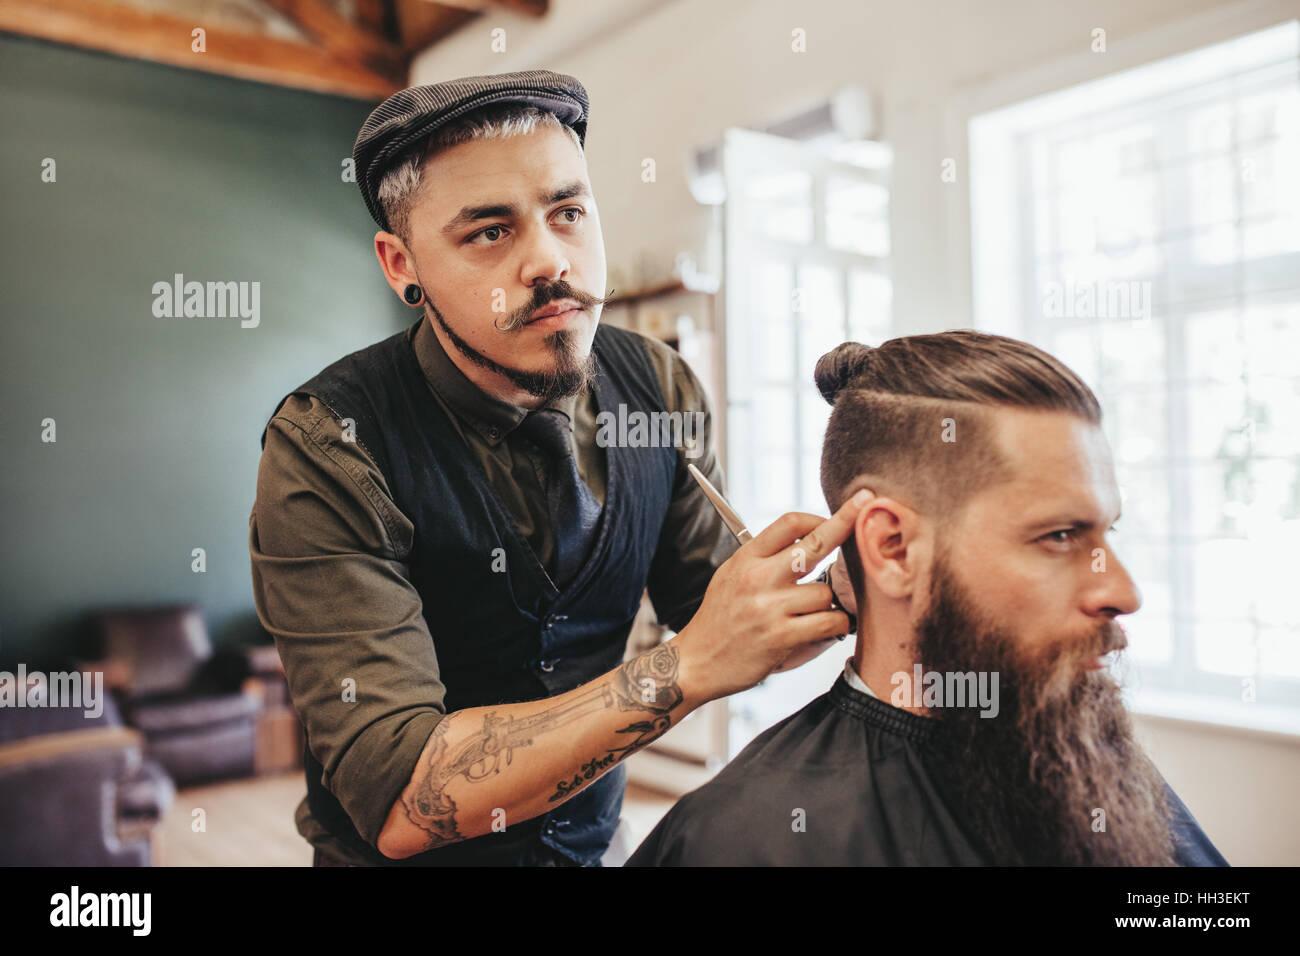 Vérification de la symétrie coiffure coupe de cheveux de son client à un barbier. Homme barbu se Photo Stock